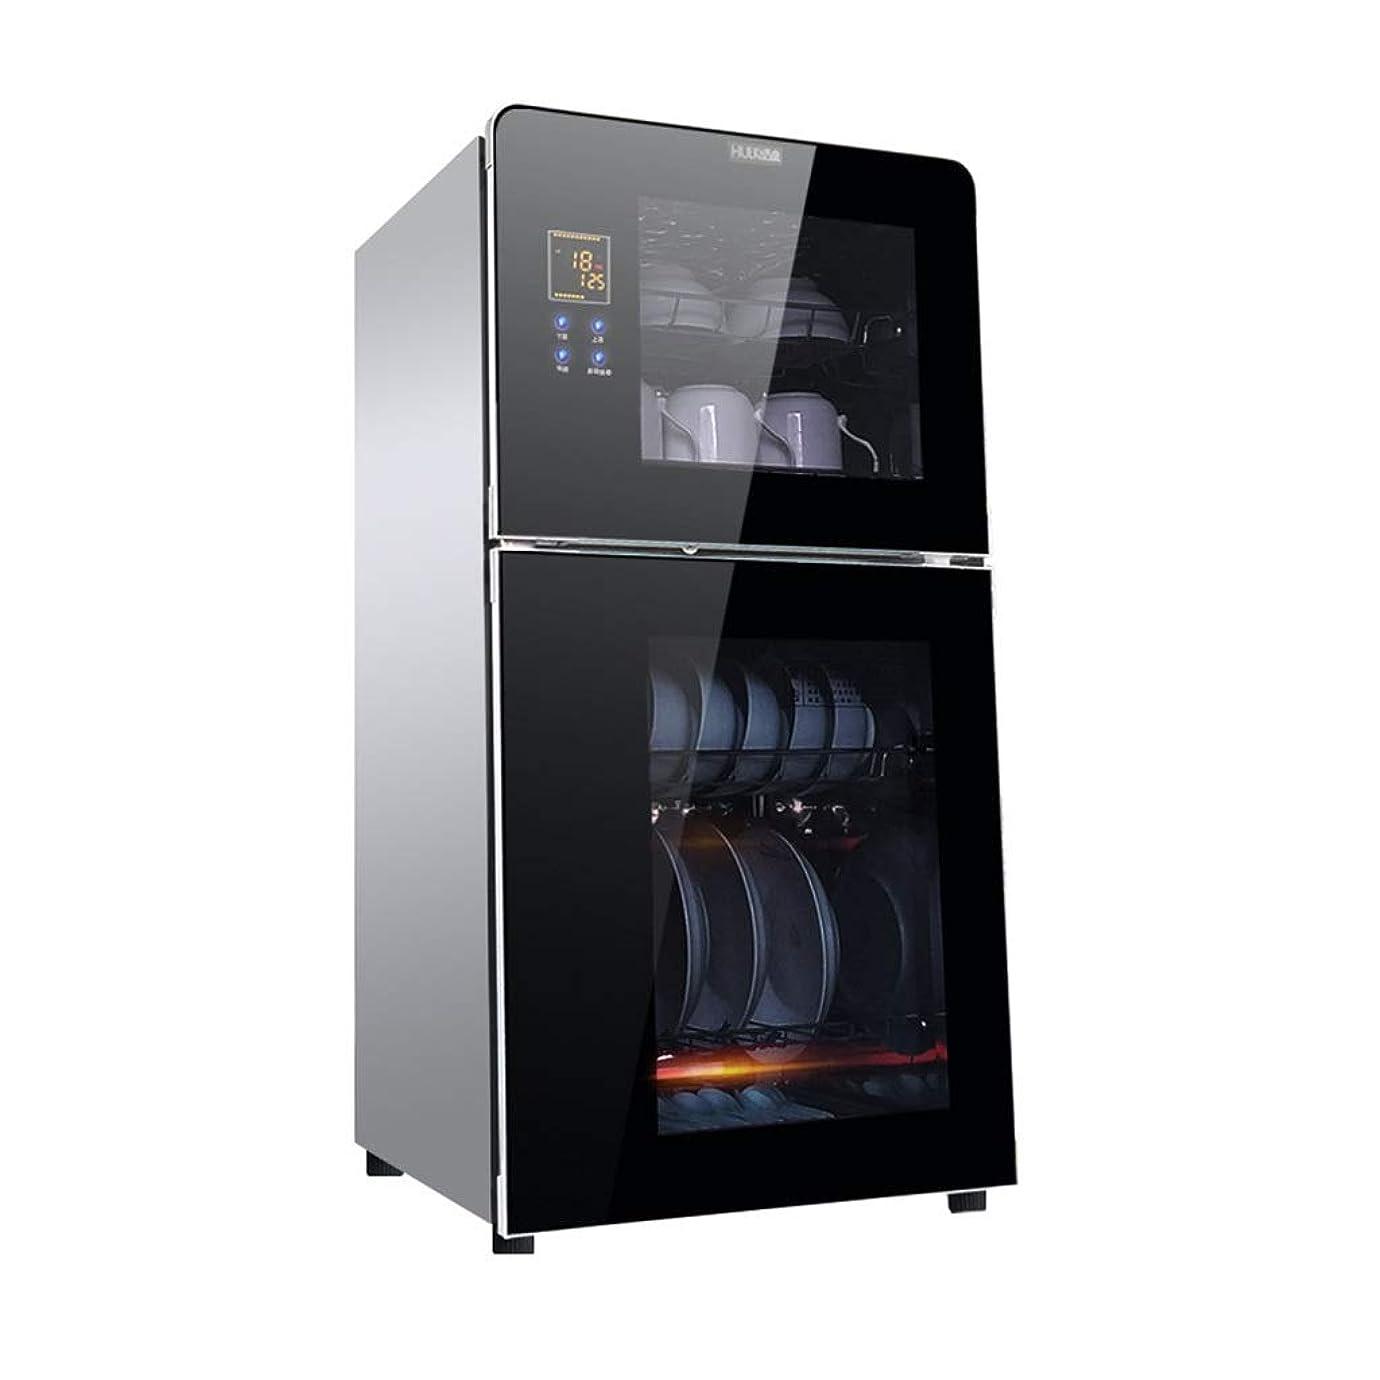 レイアどれ多様体アイリスオーヤマ 製氷機 クリーナー 氷キレイ JSC-150